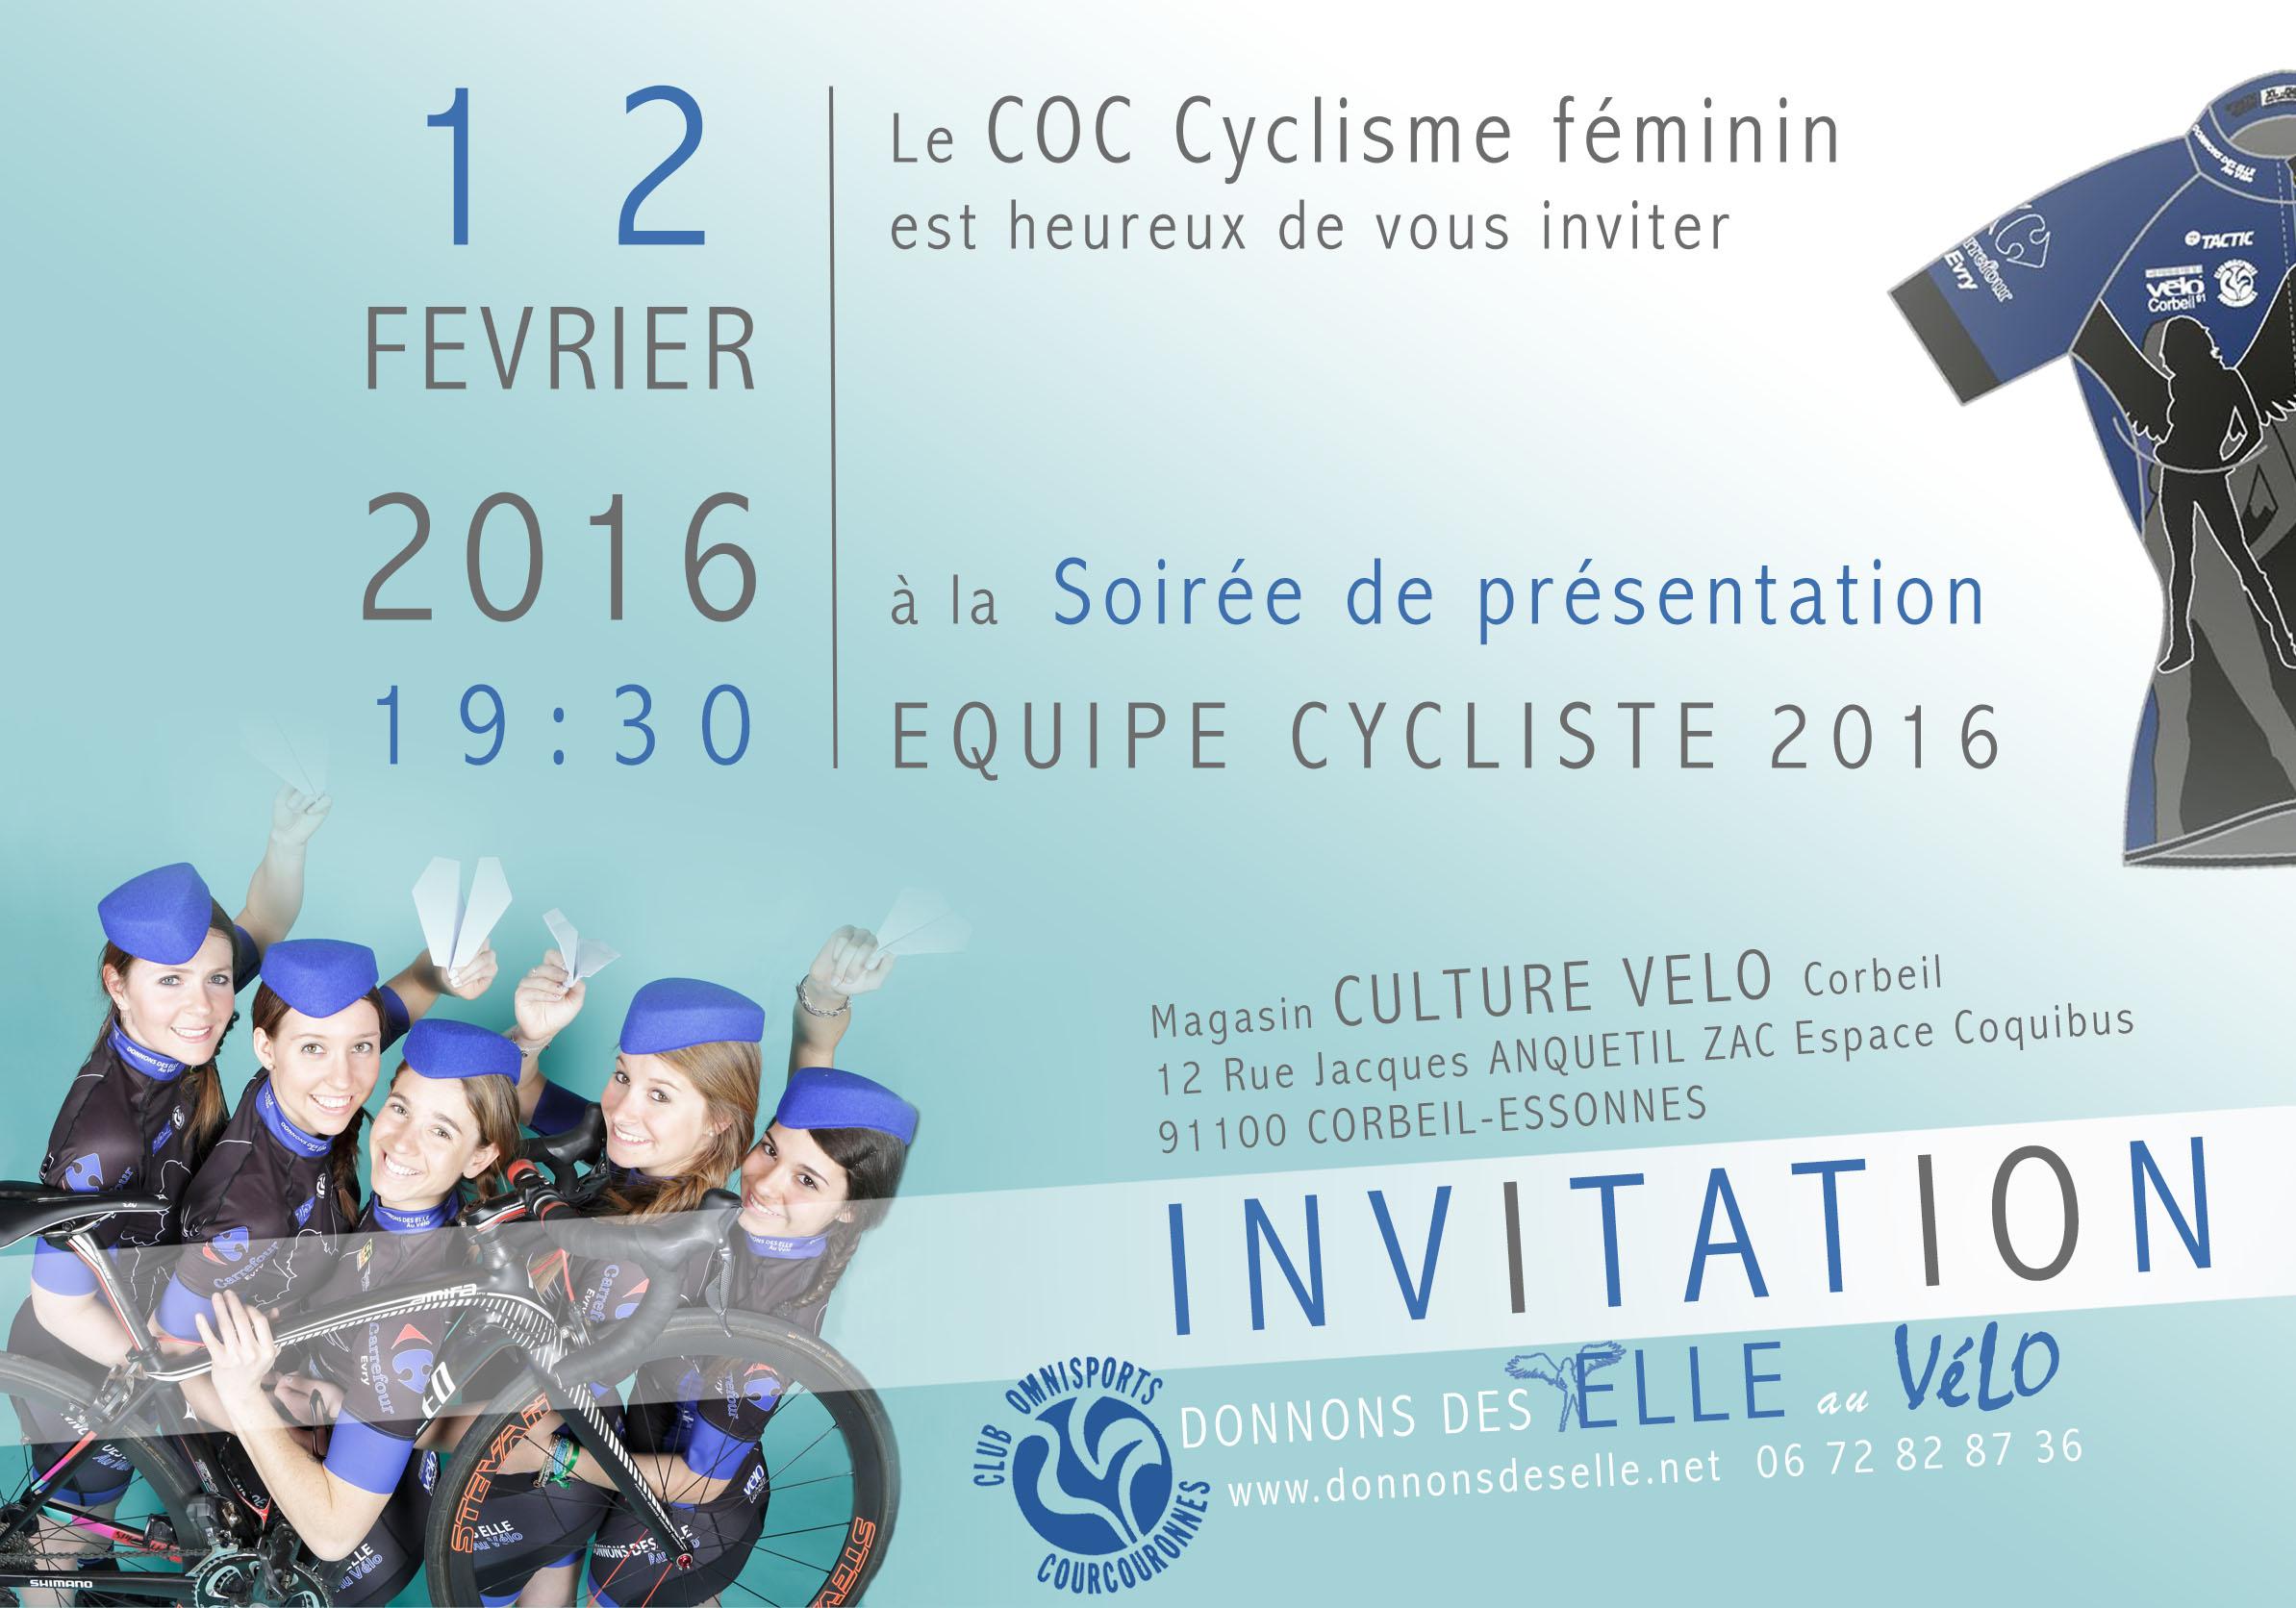 Invitation-COCCF